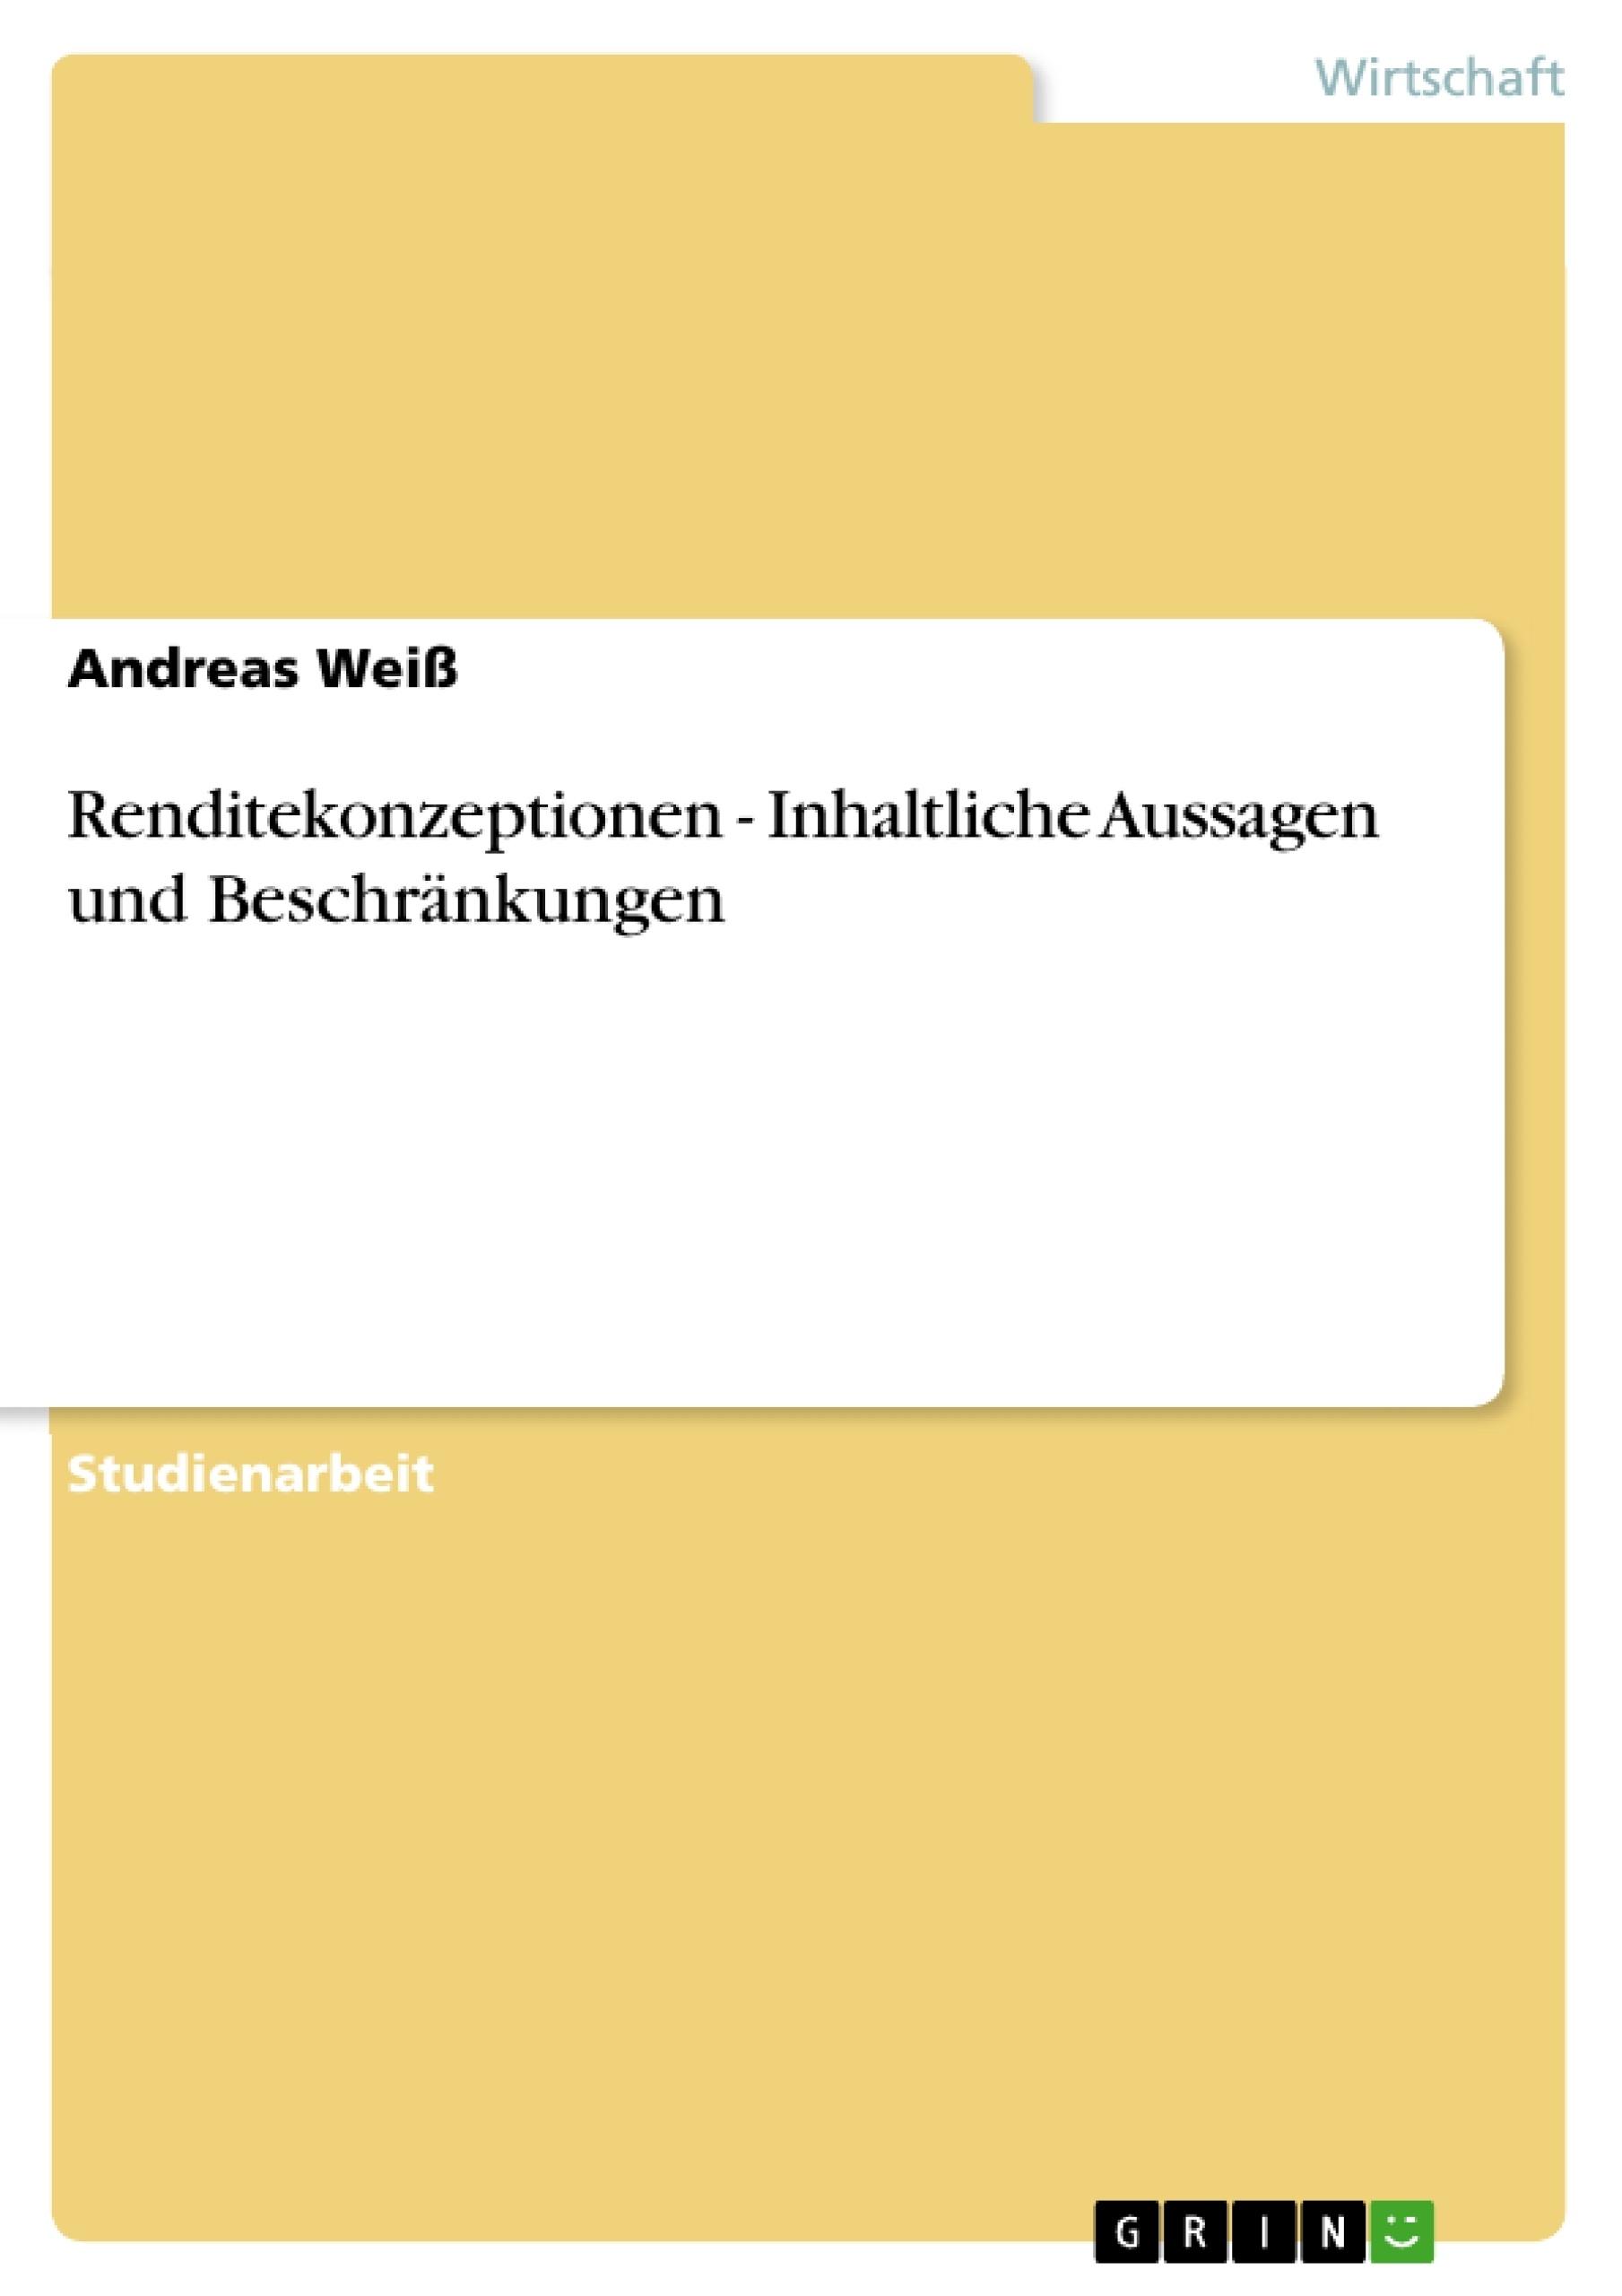 Titel: Renditekonzeptionen - Inhaltliche Aussagen und Beschränkungen